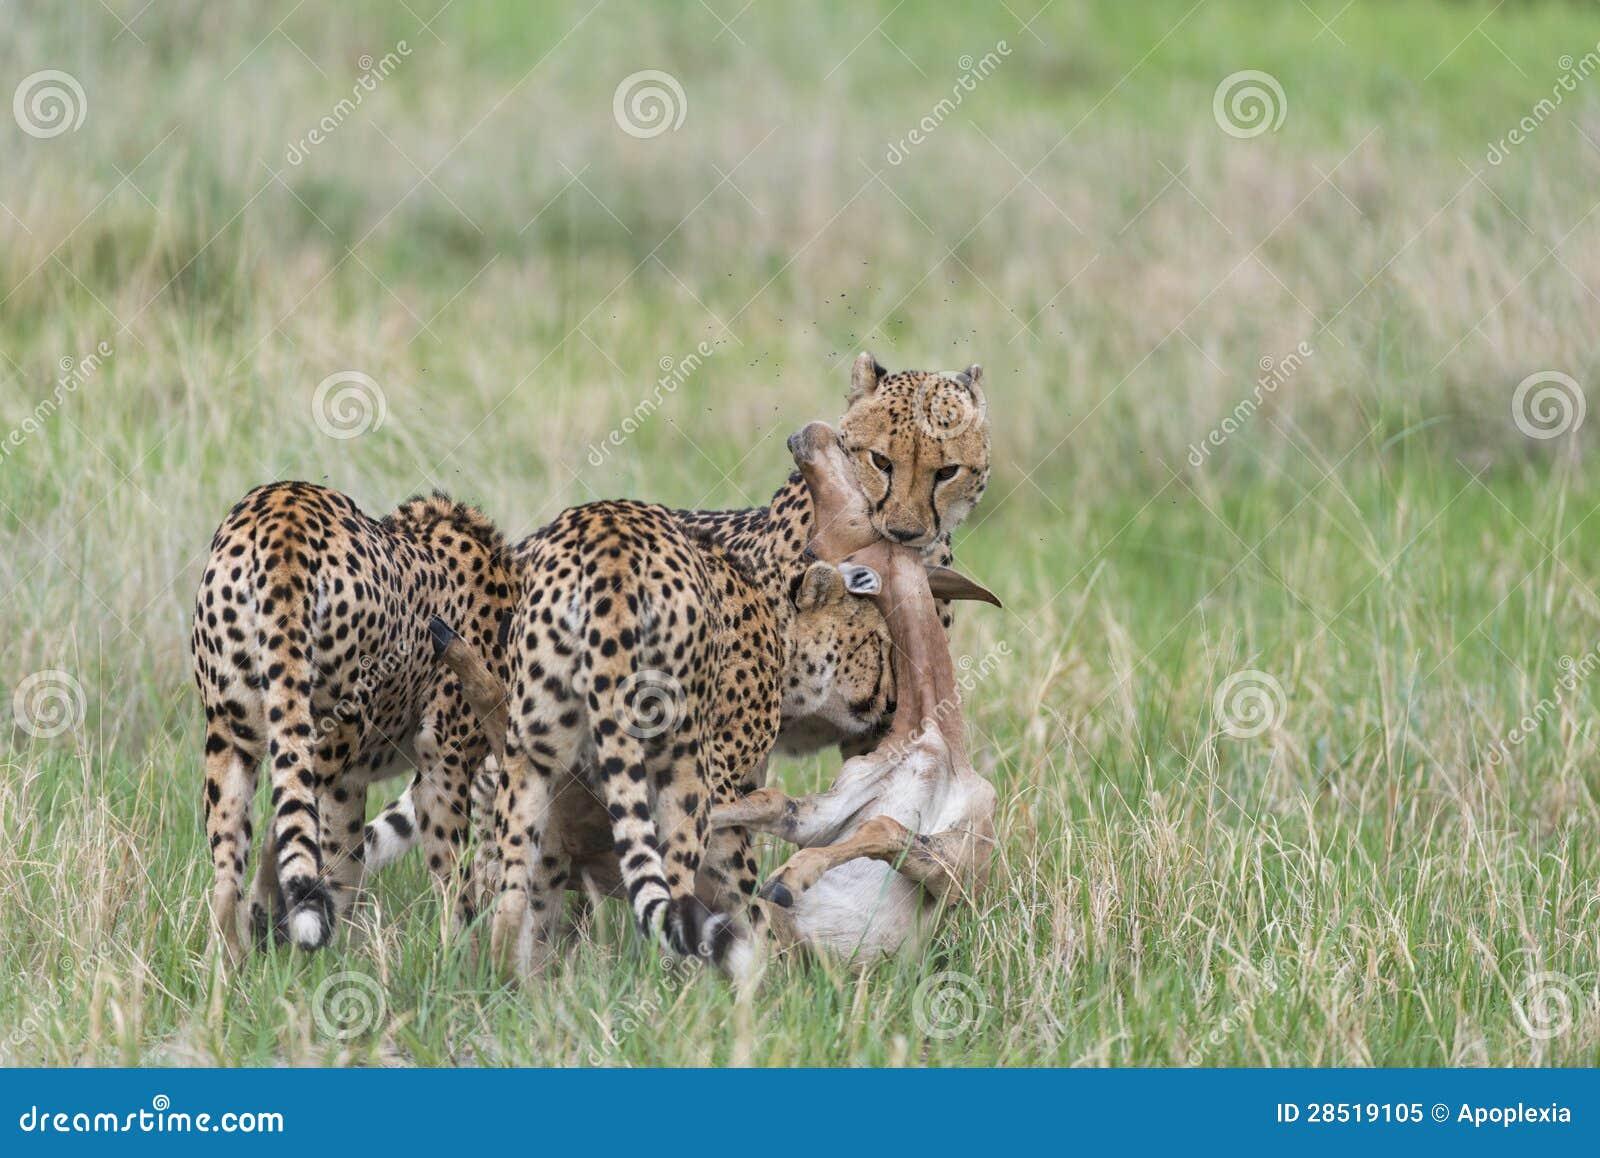 Cheetah hunting deer videos free download.